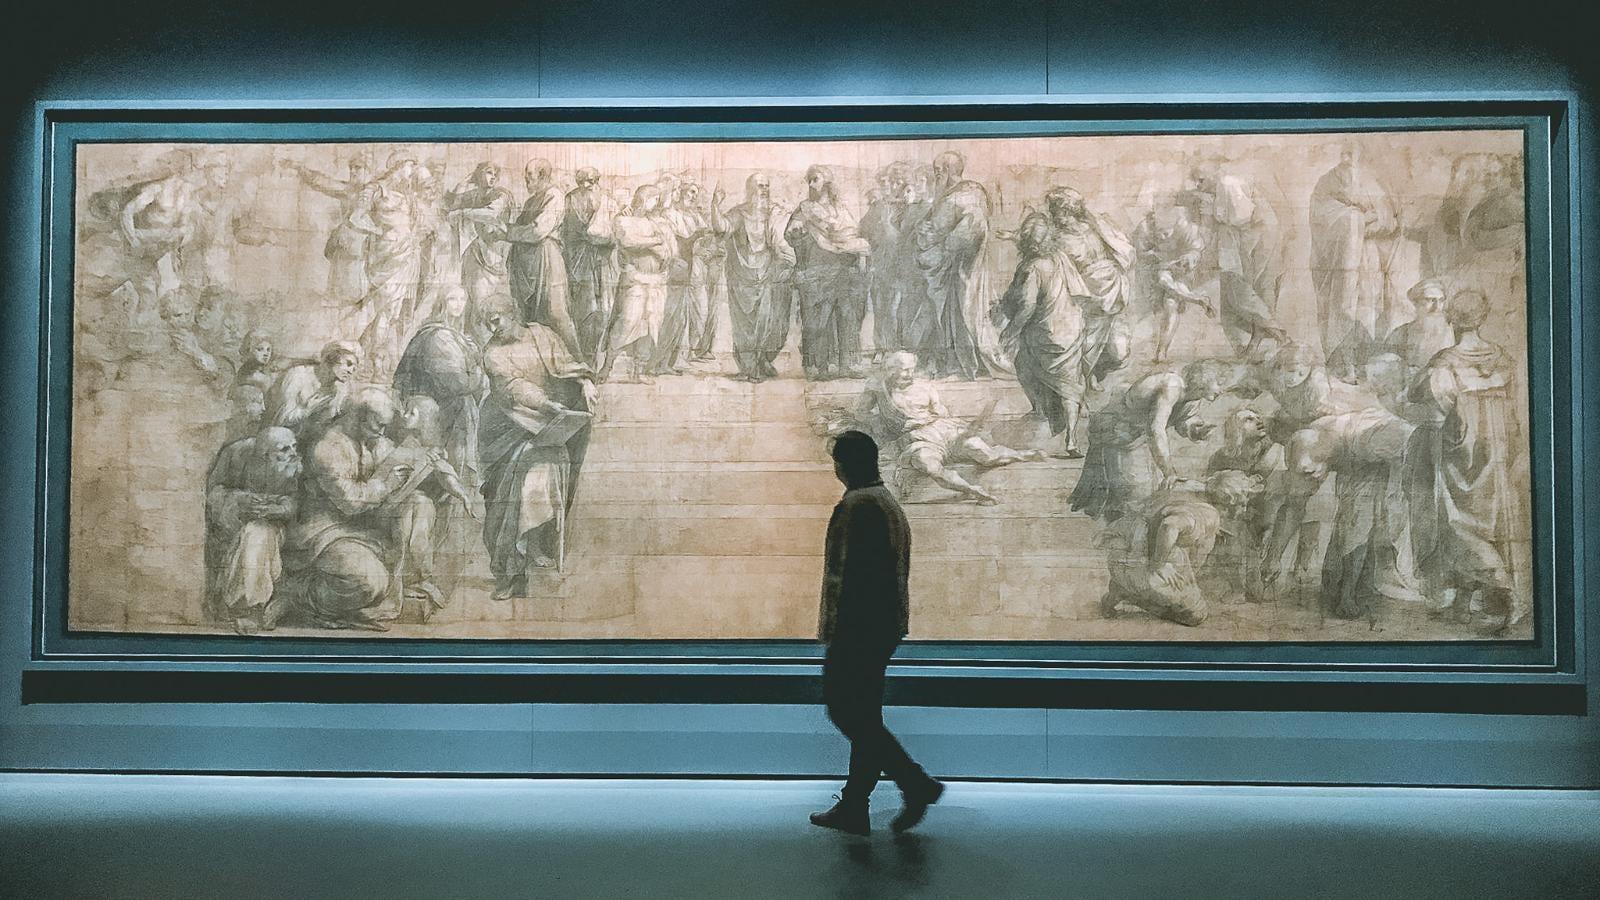 500 anni dalla scomparsa di Raffaele Sanzio celebrati su Topolino